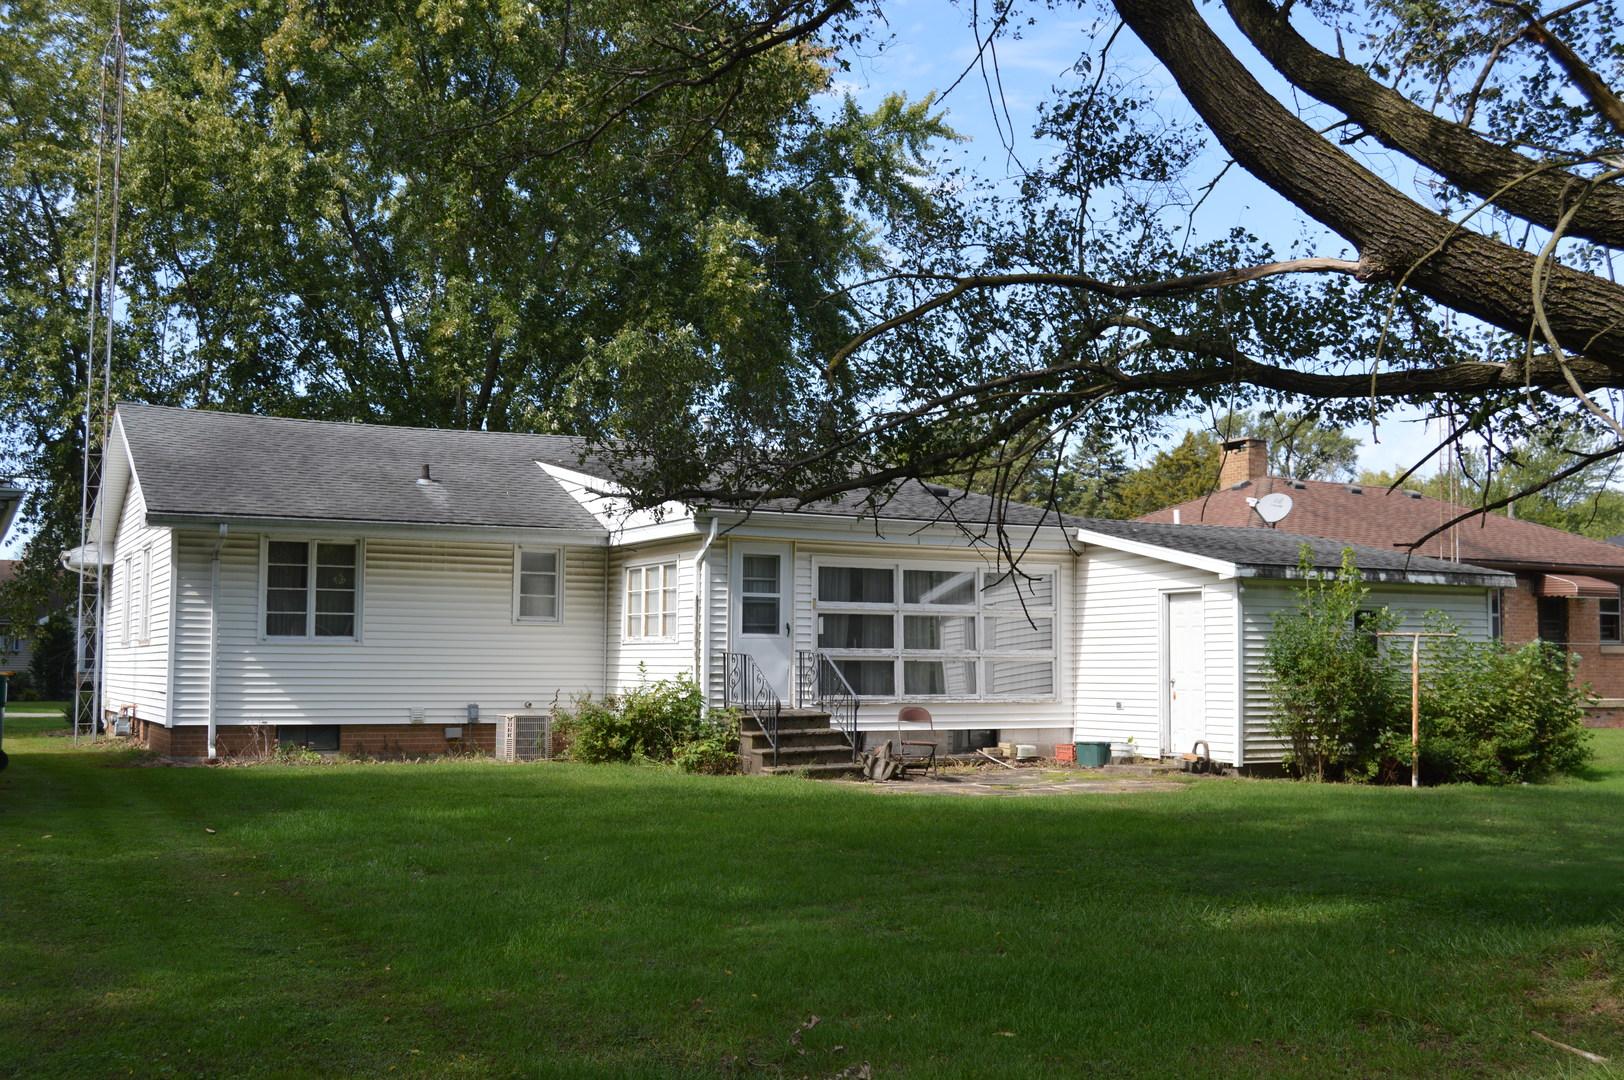 65 South Mary, Coal City, Illinois, 60416